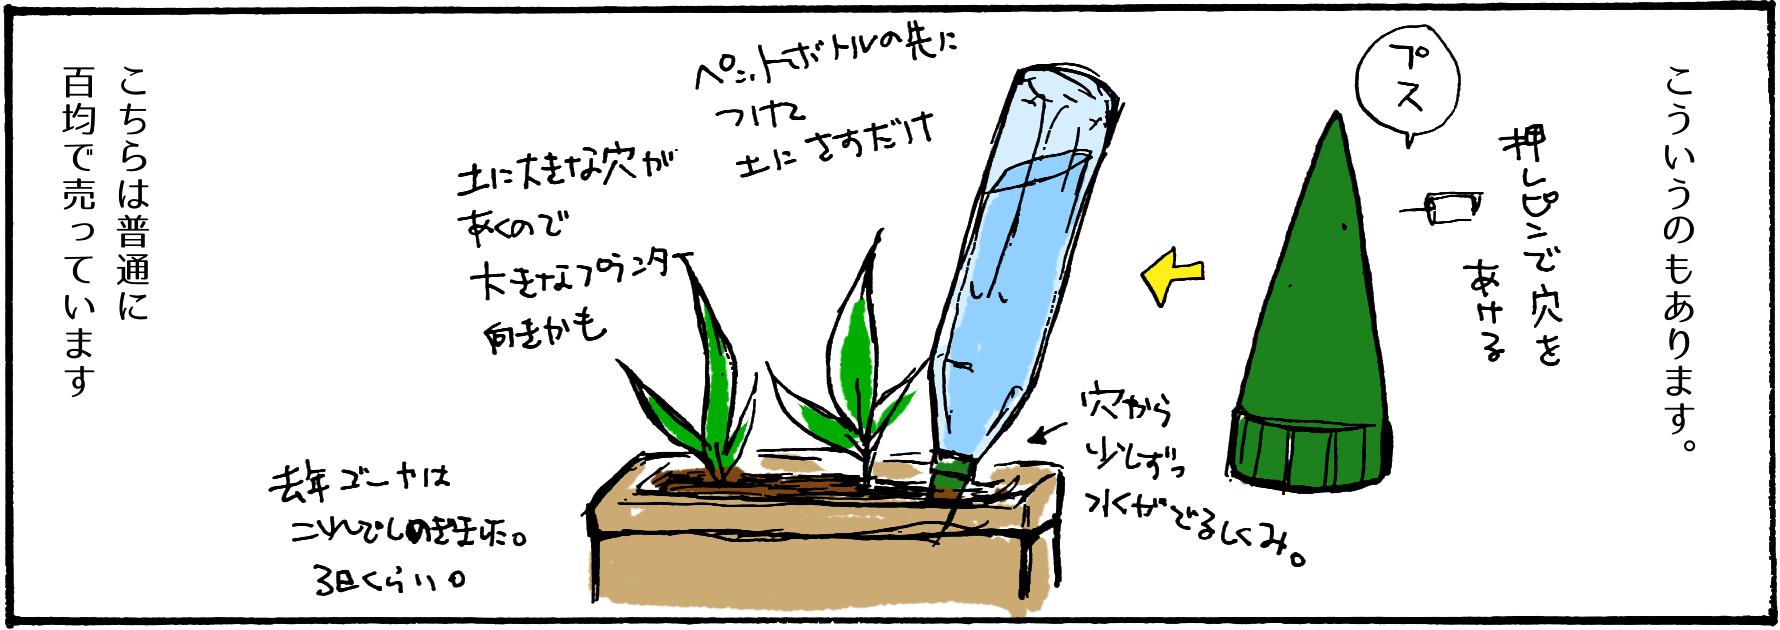 kyusuiki04